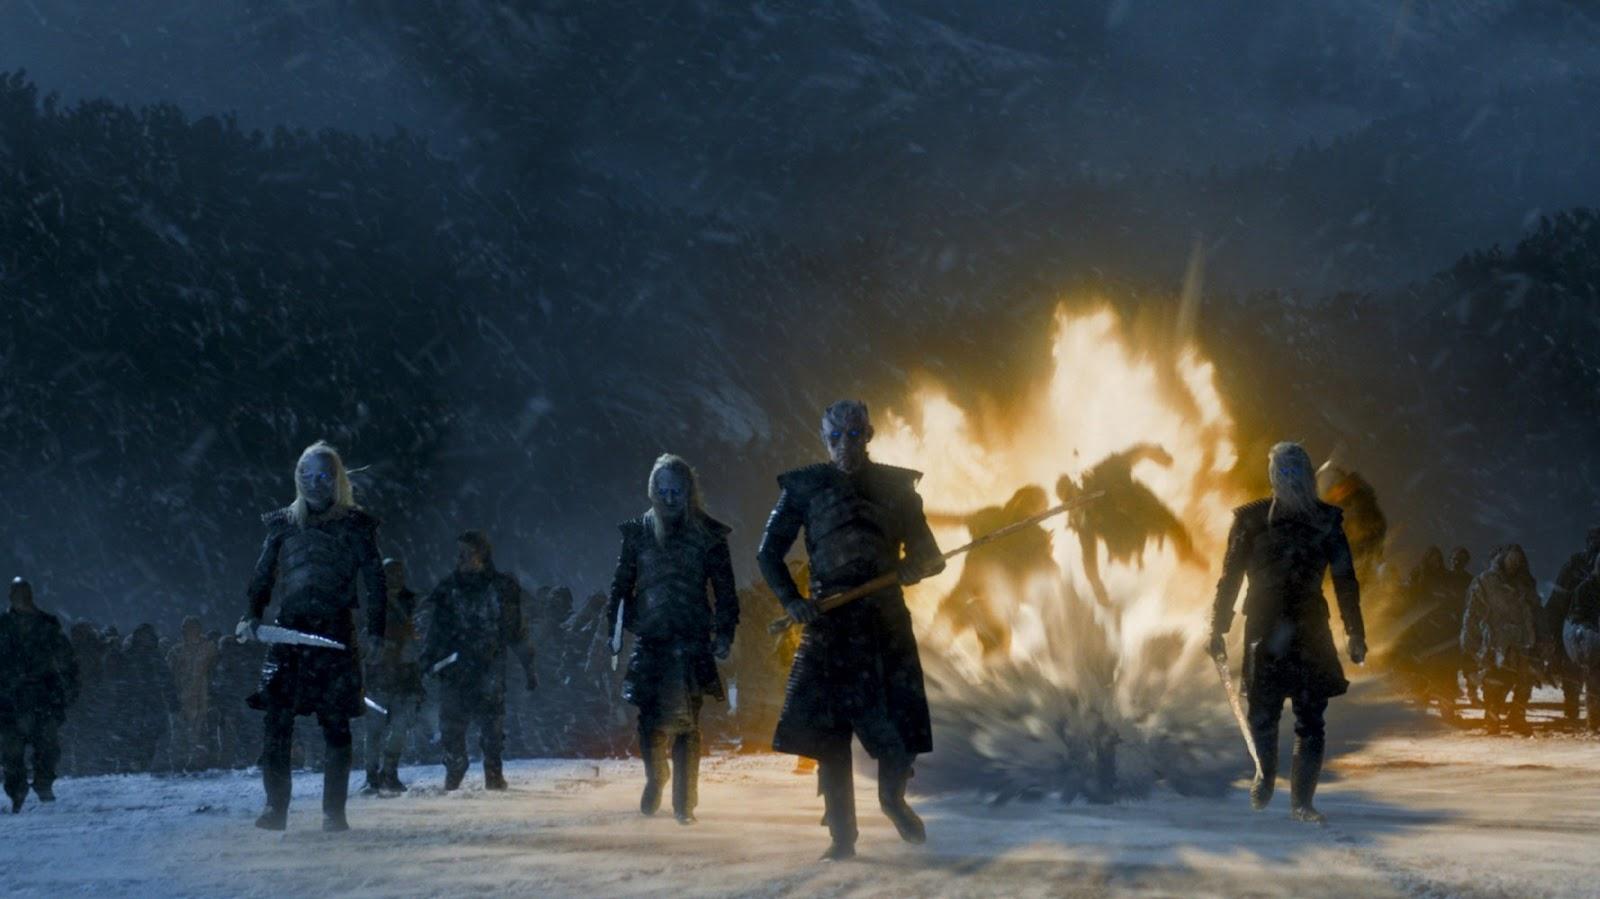 Game Of Thrones Season 8 Episode 3 Subtitles Indonesia